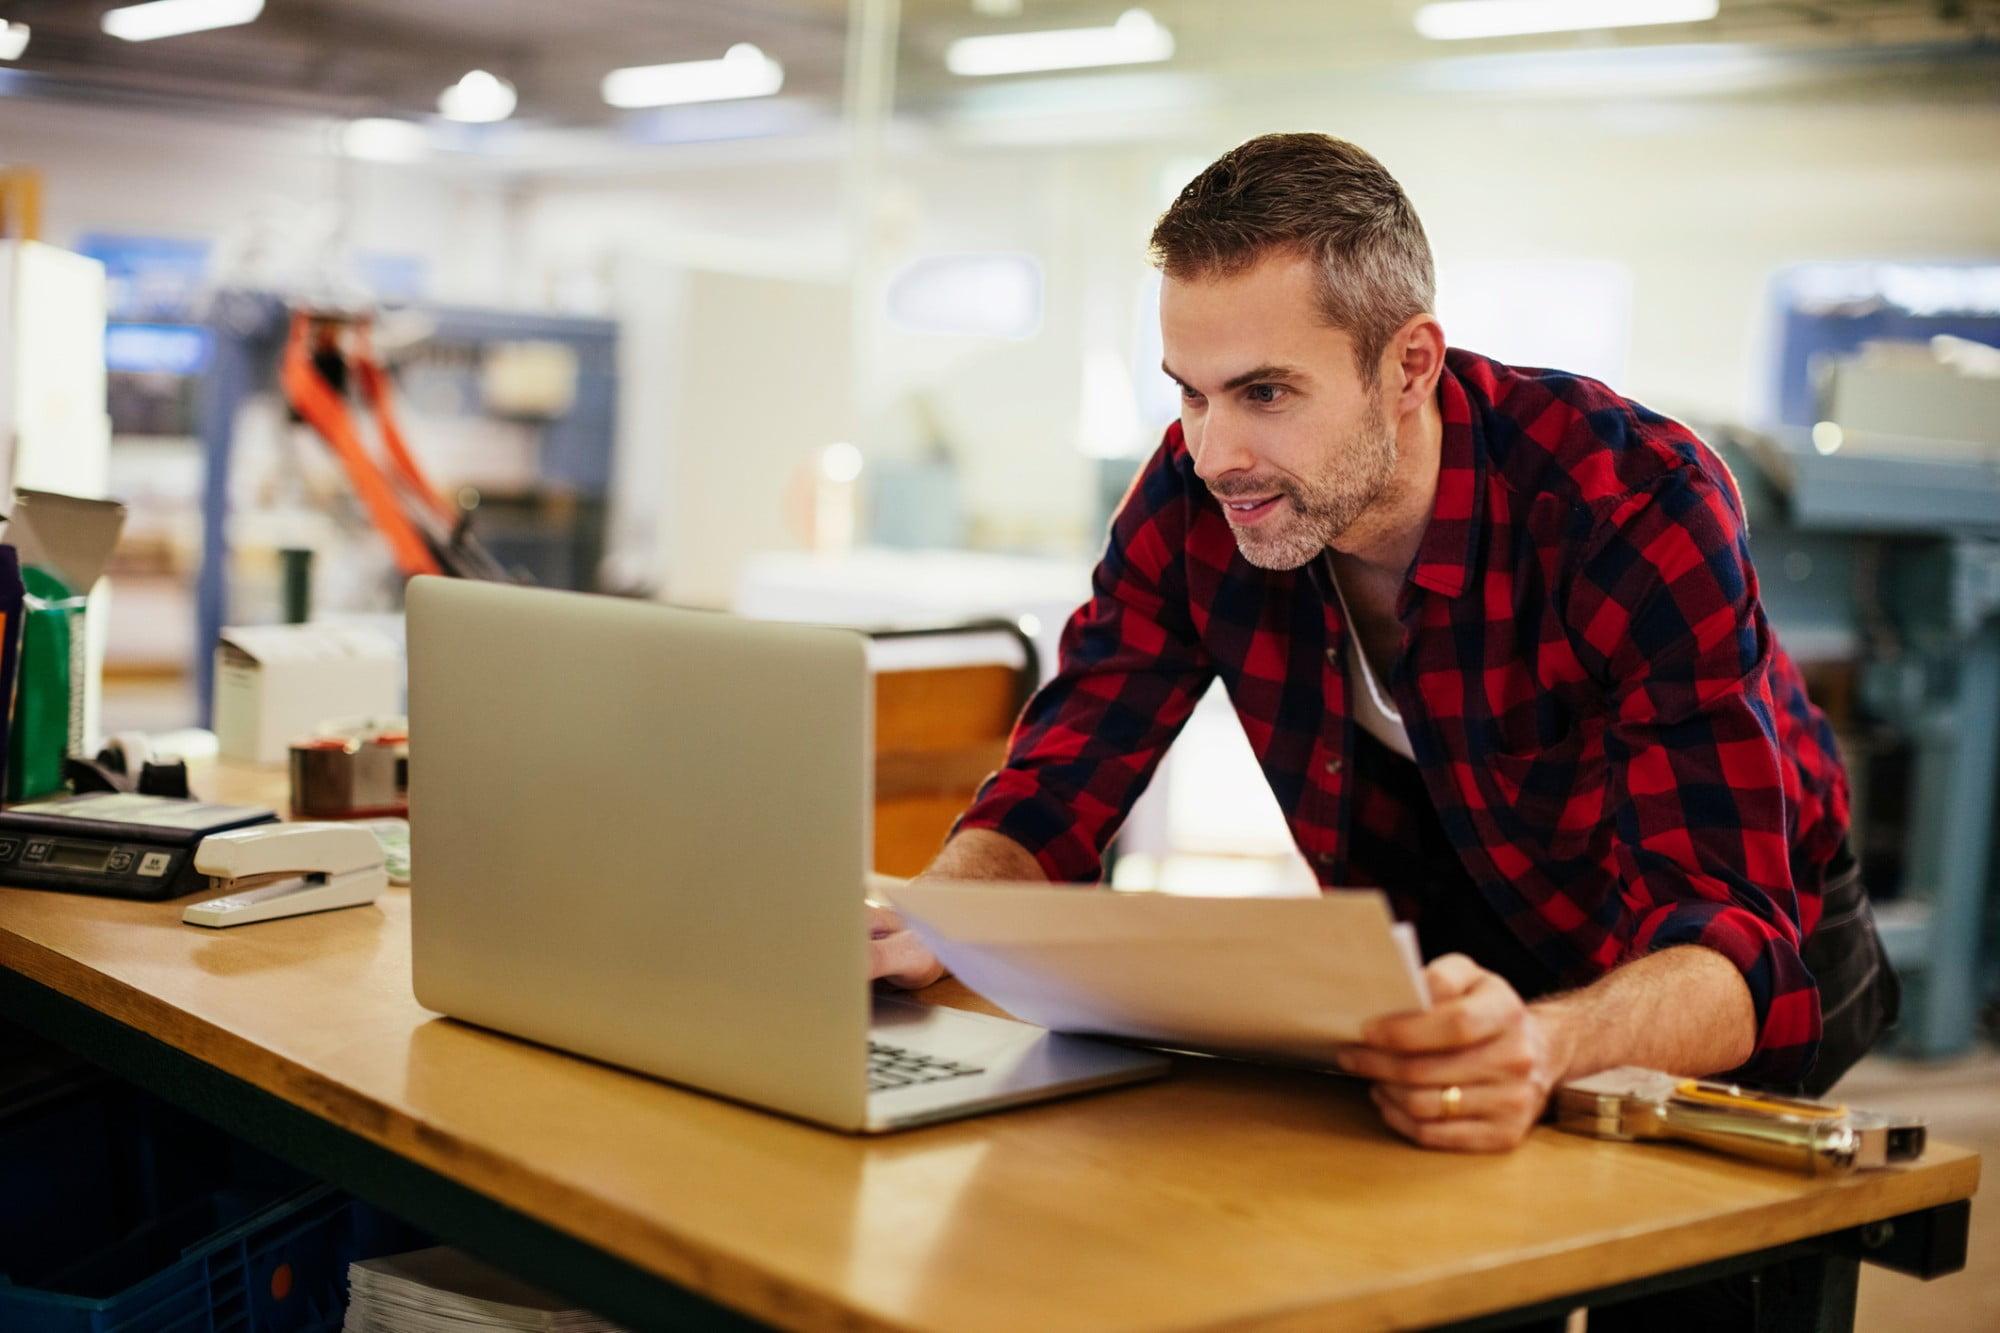 Homem em frente ao computador analisando notas em contingência off-line